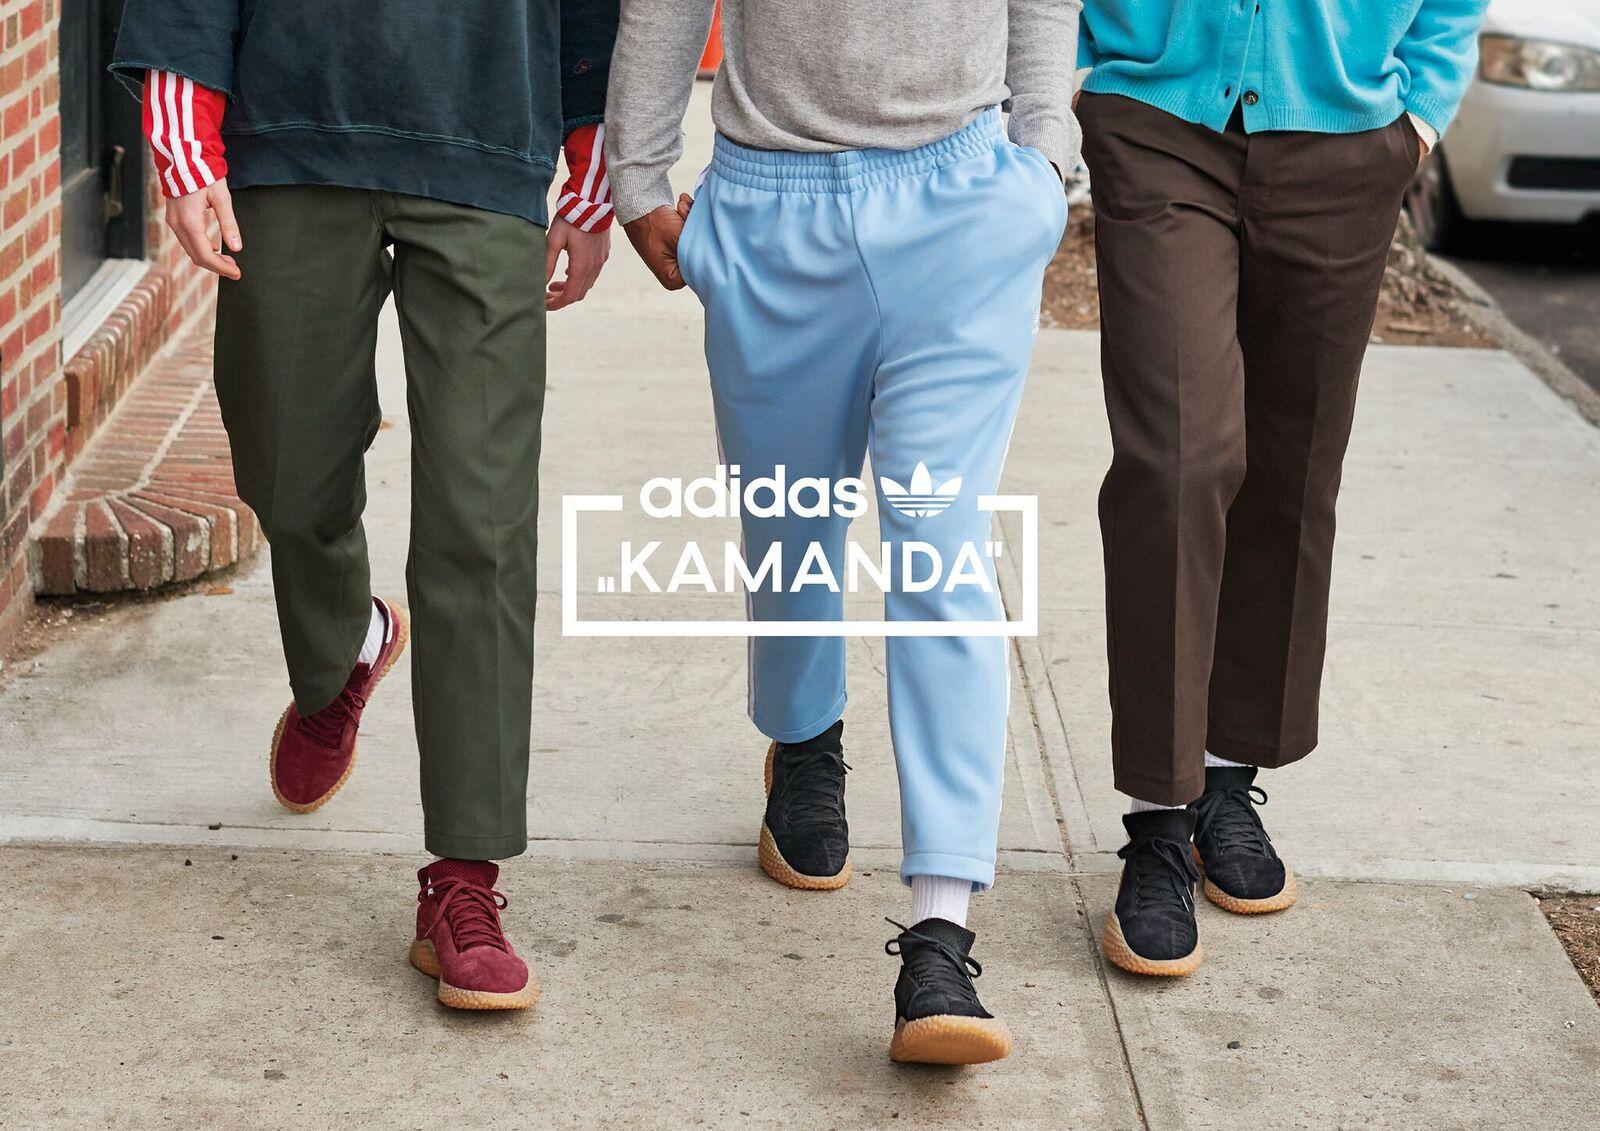 chaussures adidas KAMANDA